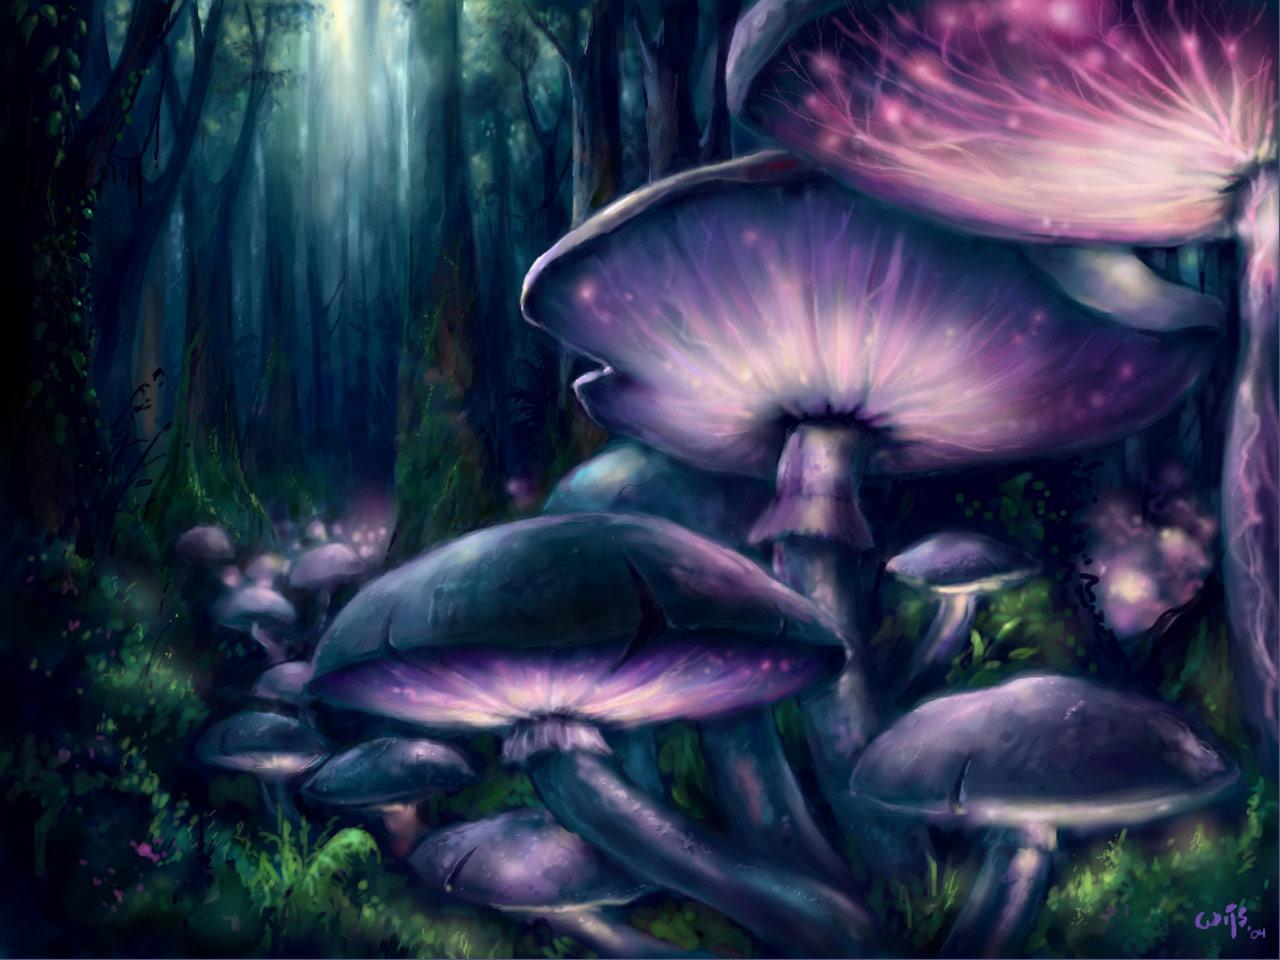 magic mushroom art - photo #21